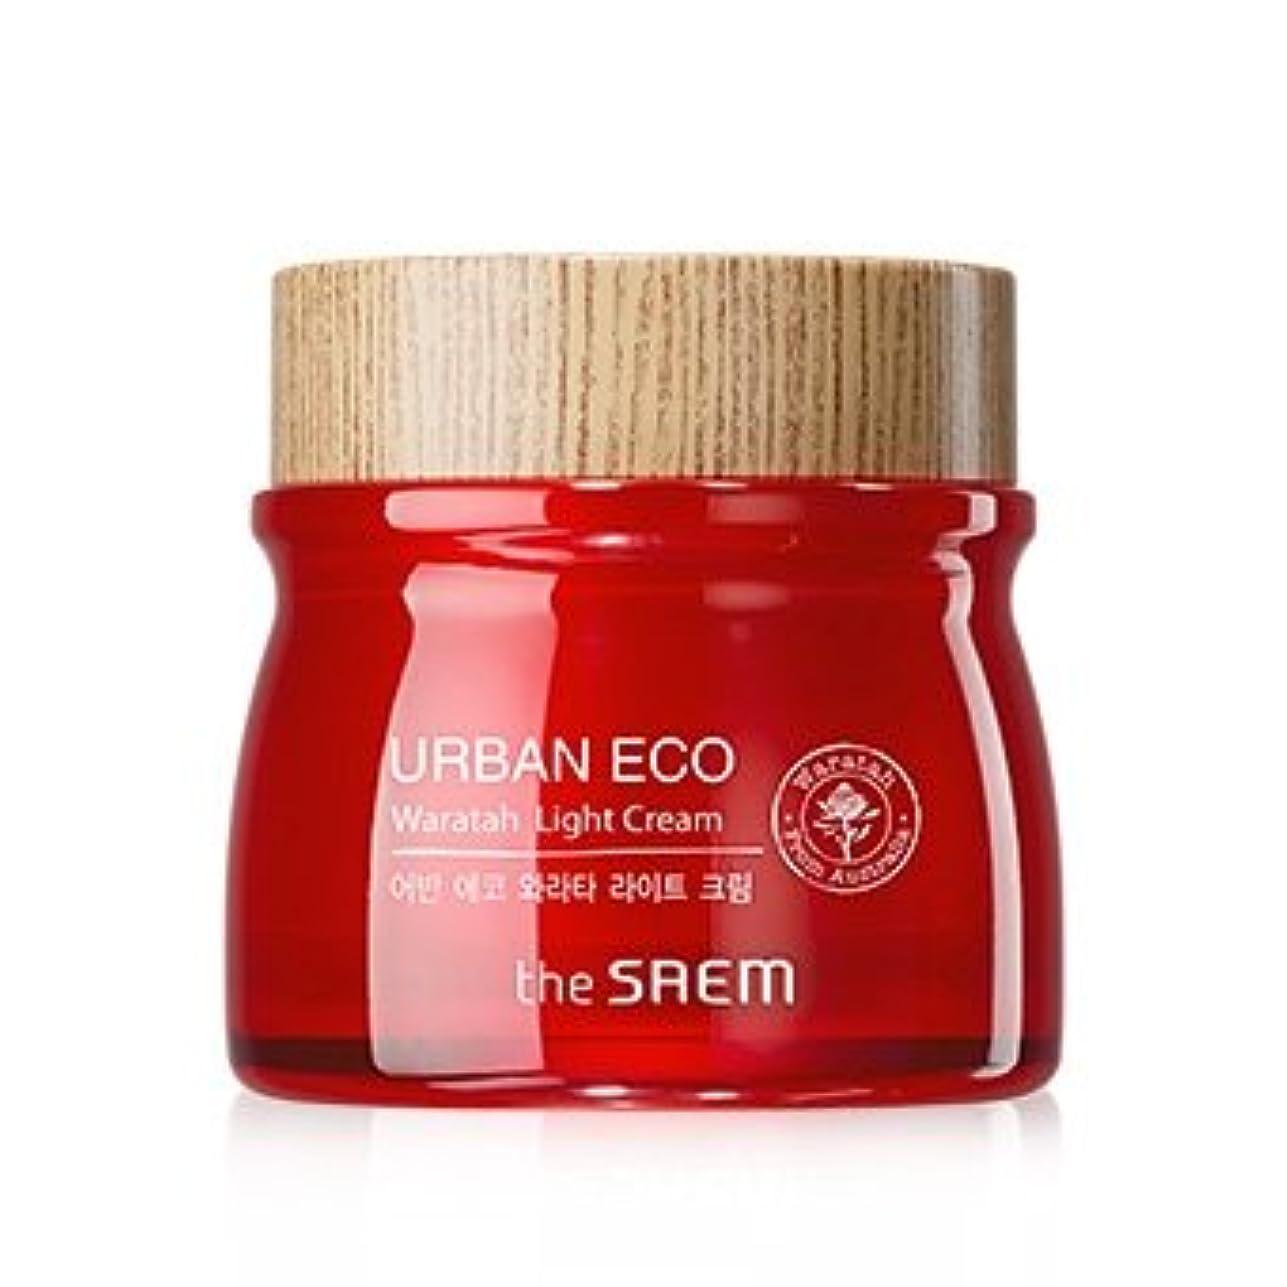 染色ページェントブッシュThe Saem Urban Eco Waratah Light Cream 60ml ドセム アーバンエコワラターライトクリーム60ml[並行輸入品]